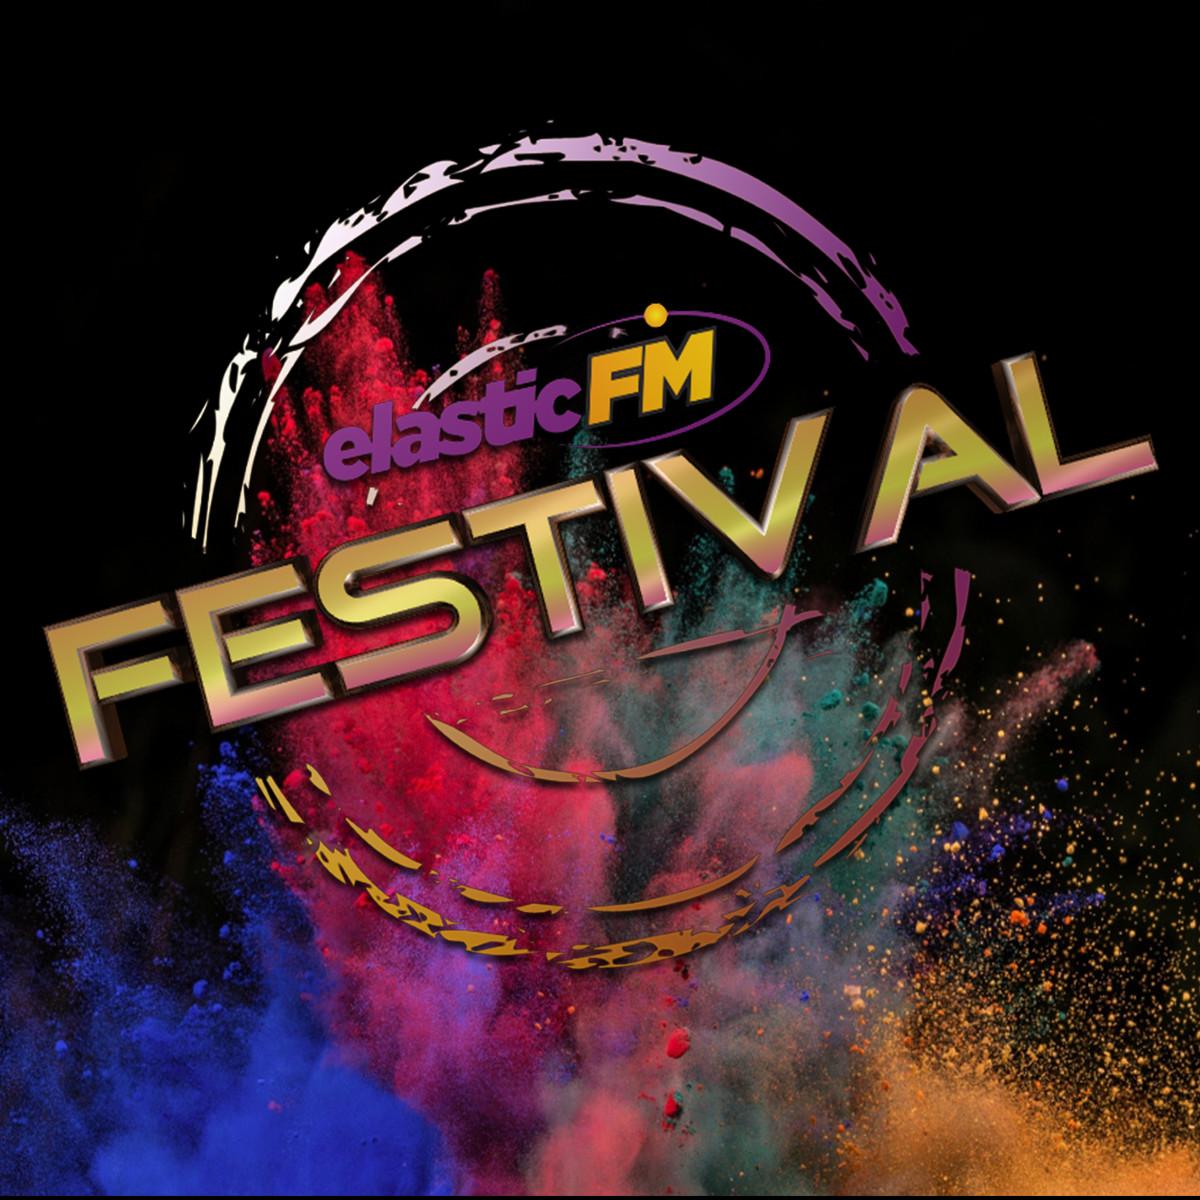 Elastic FM Festival 2019 banner image